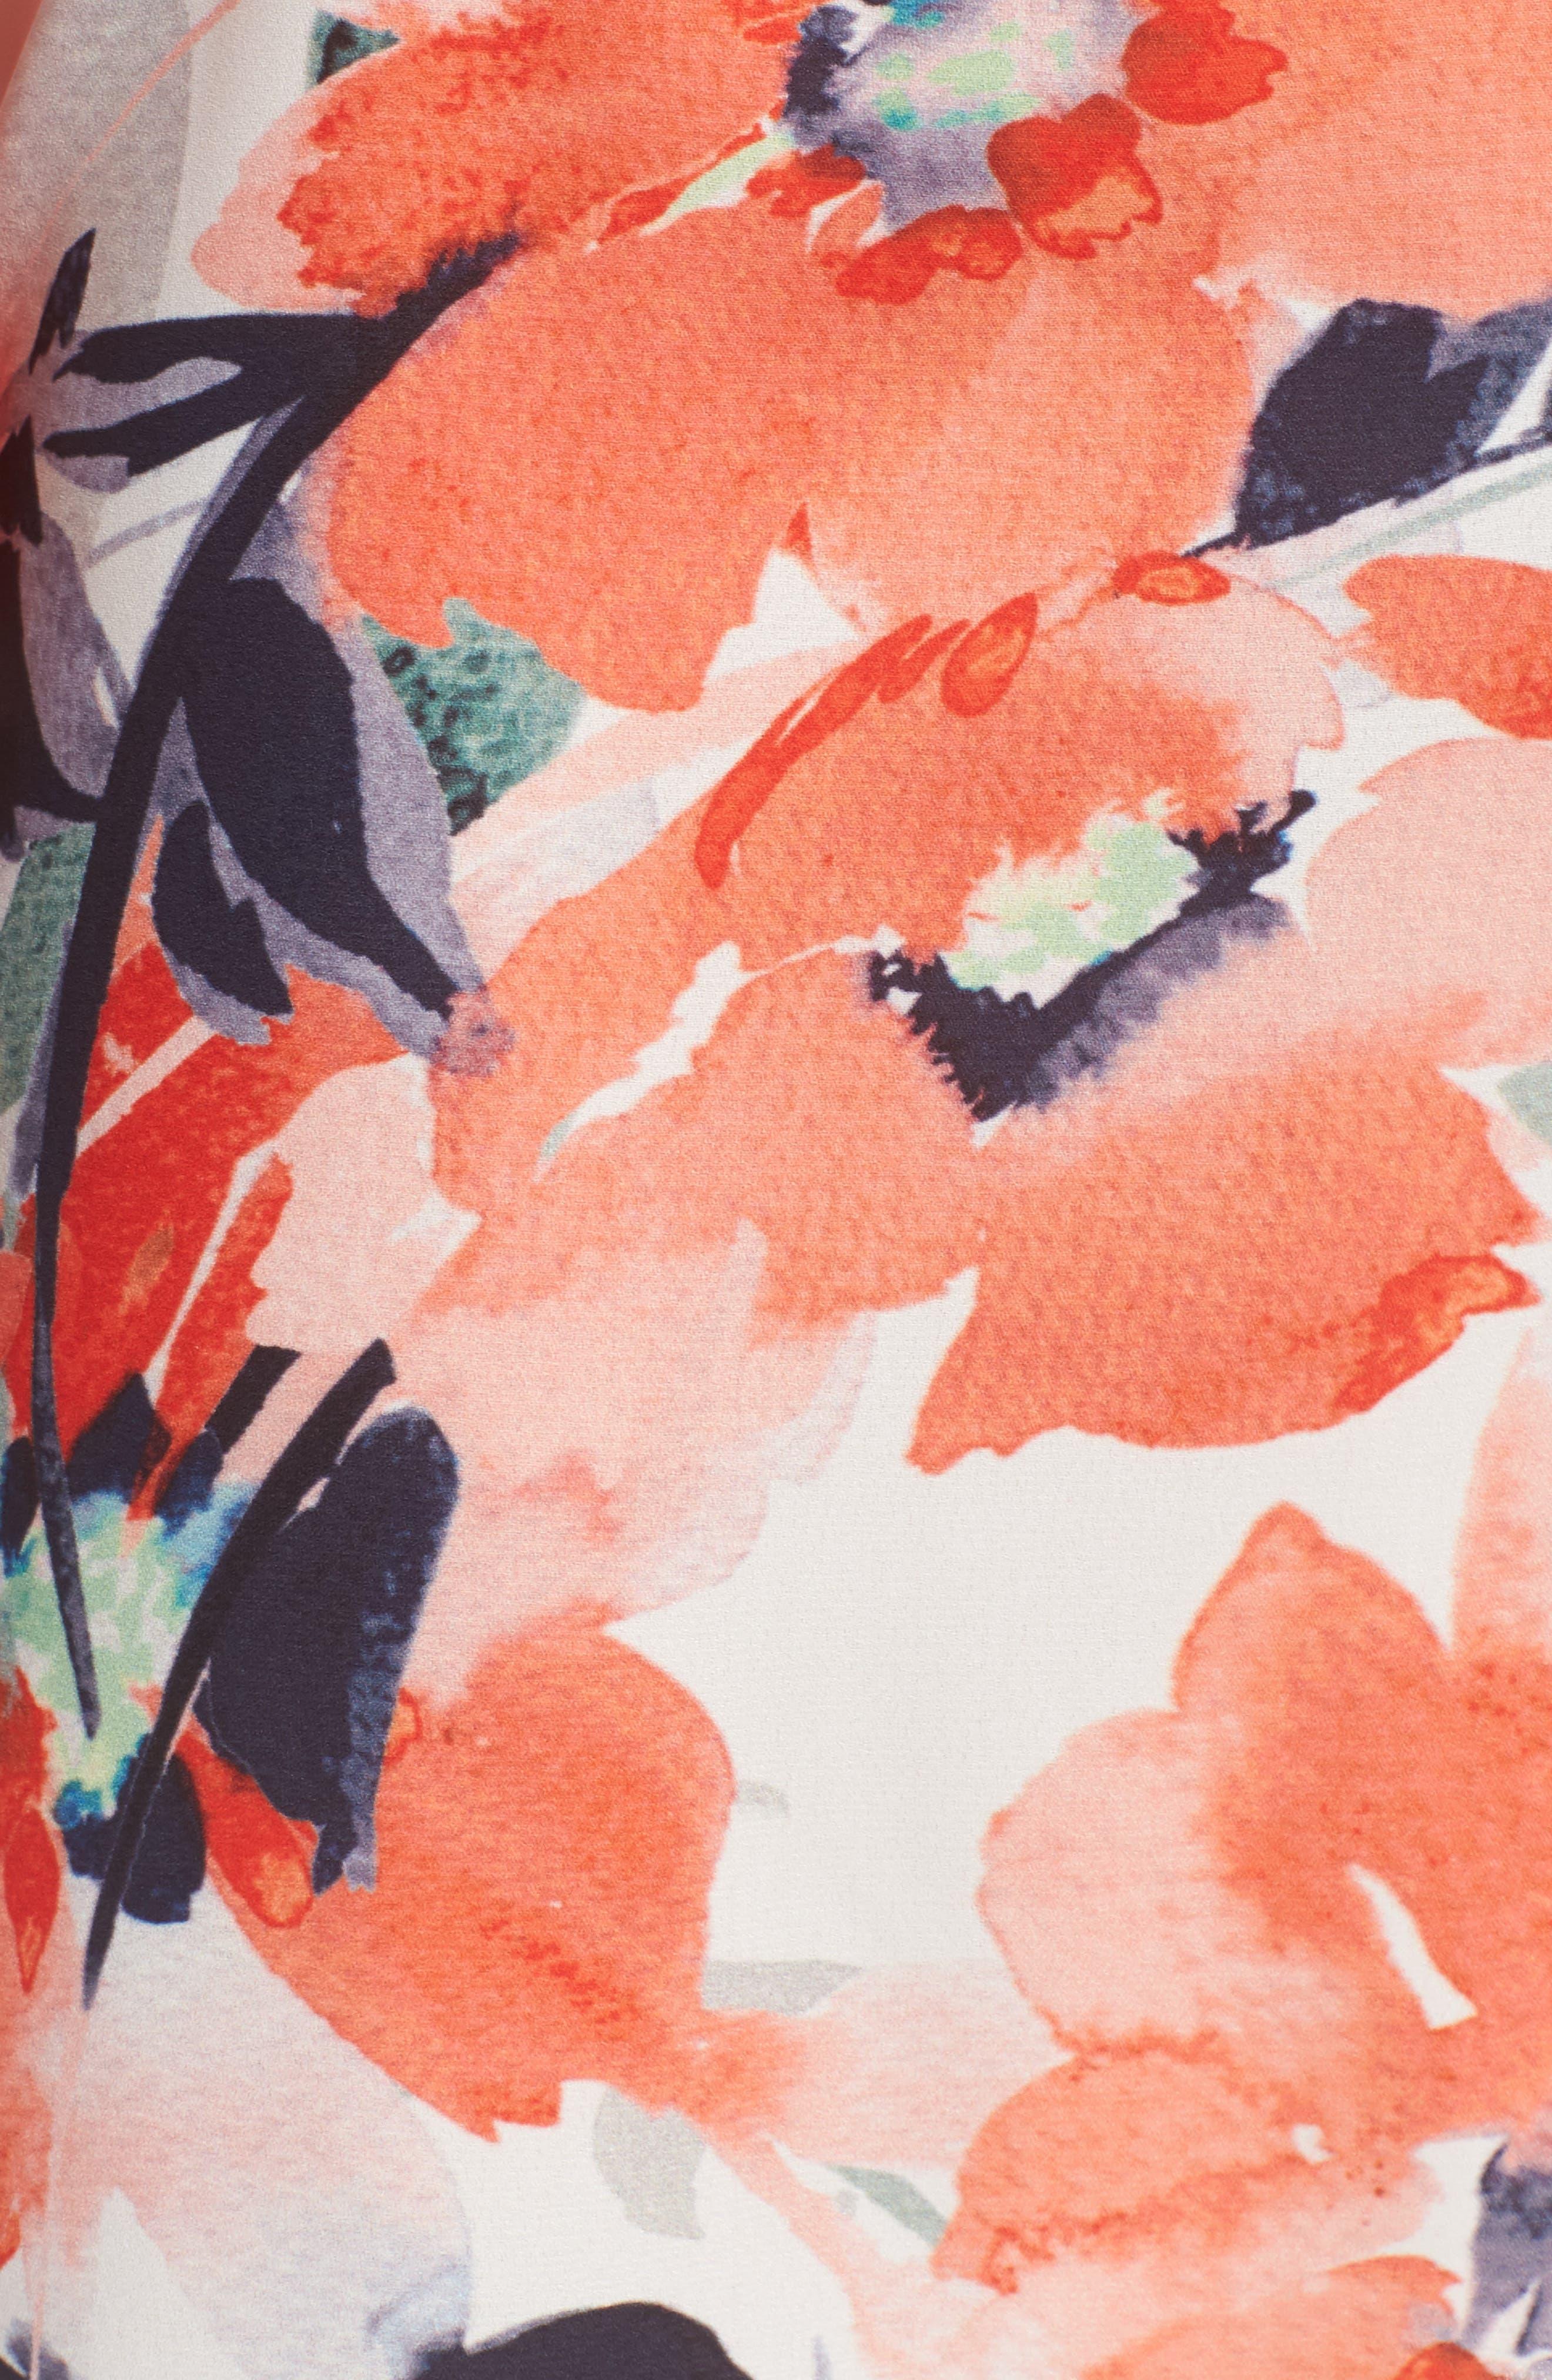 Bishop + Young Chrissy Cold Shoulder Dress,                             Alternate thumbnail 5, color,                             Print